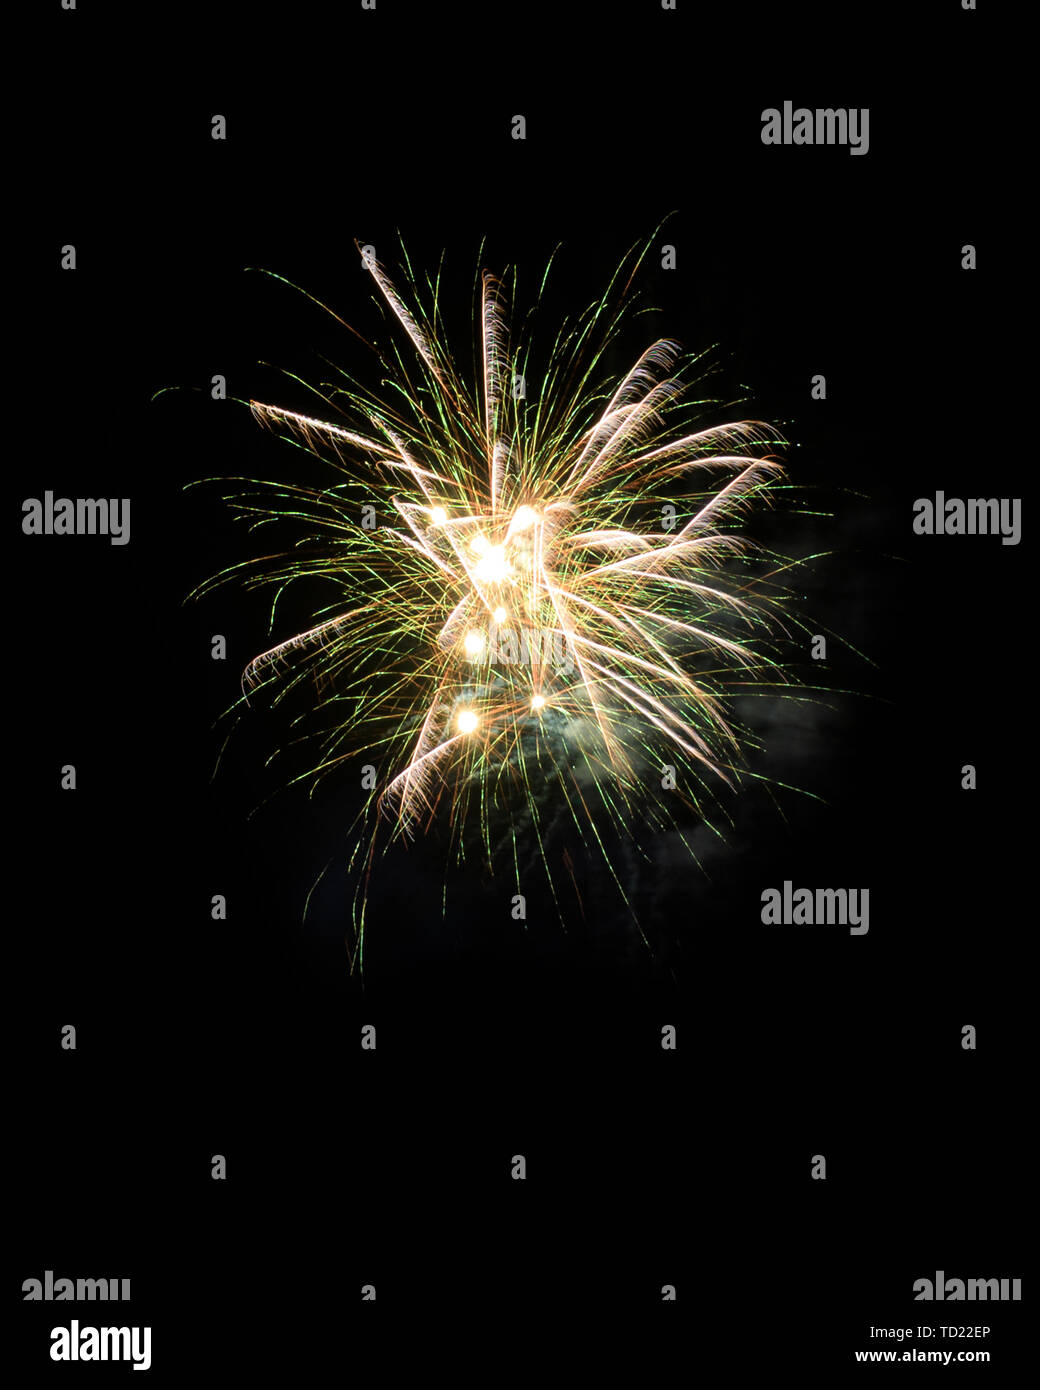 Imagen de fondo de Fireworks Foto de stock